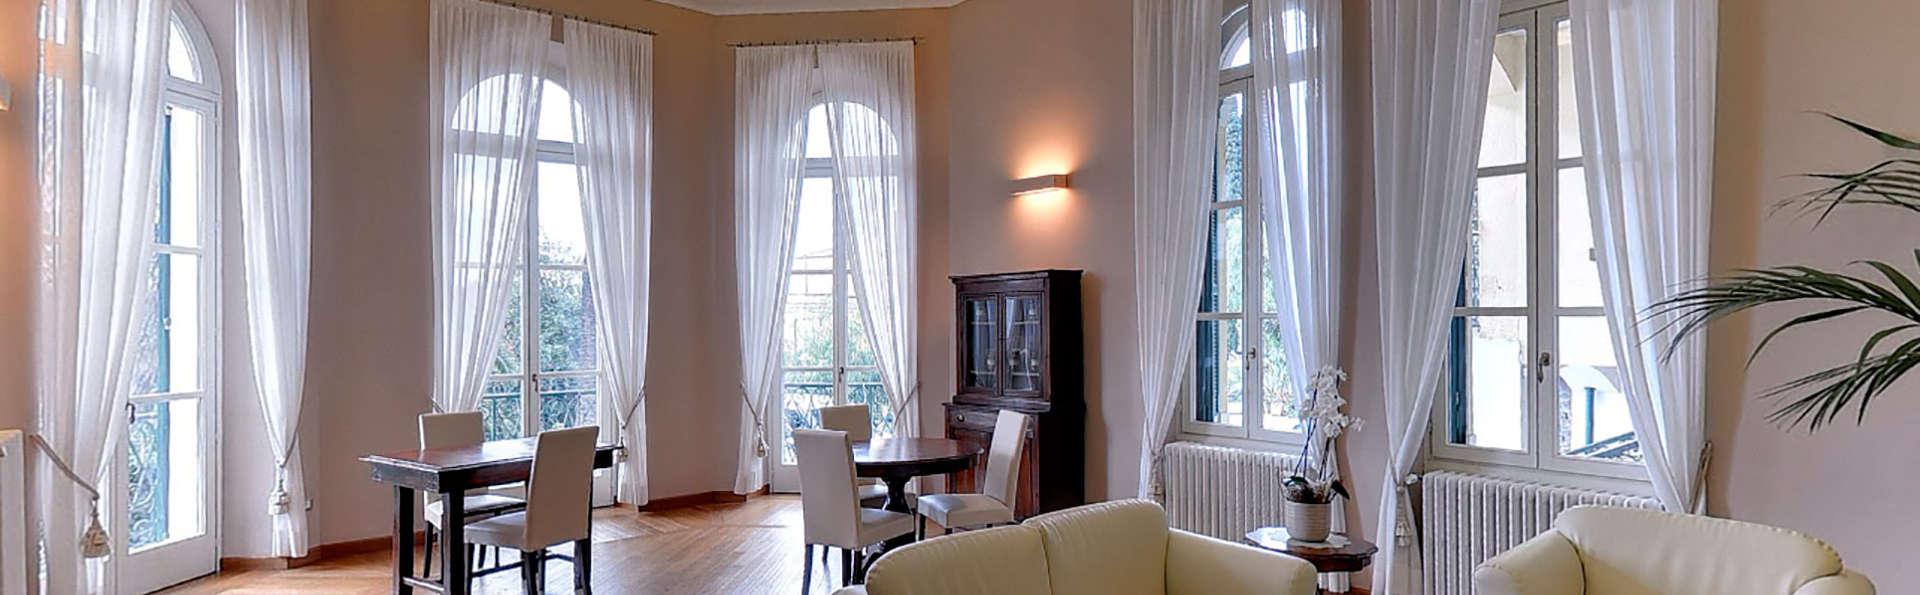 Relax dans une villa du XVIIIème siècle à San Remo